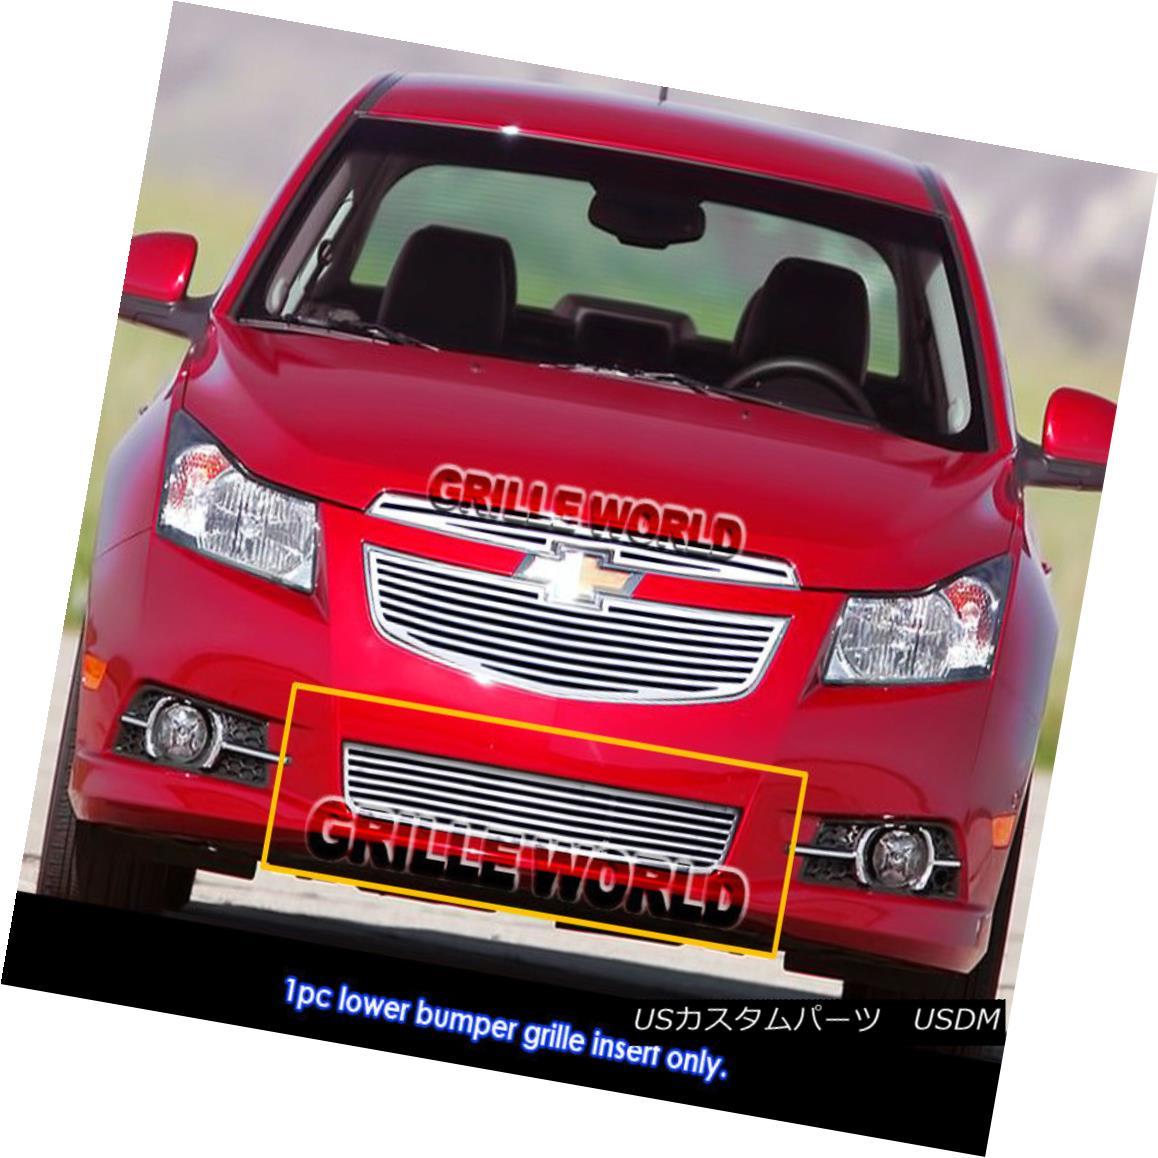 グリル 2011-2014 Chevy Cruze LT/LTZ RS pakage Bumper Perimeter Grille Grill Insert 2011-2014シボレークルーズLT / LTZ RSパッケージバンパーペリメーターグリルグリルインサート